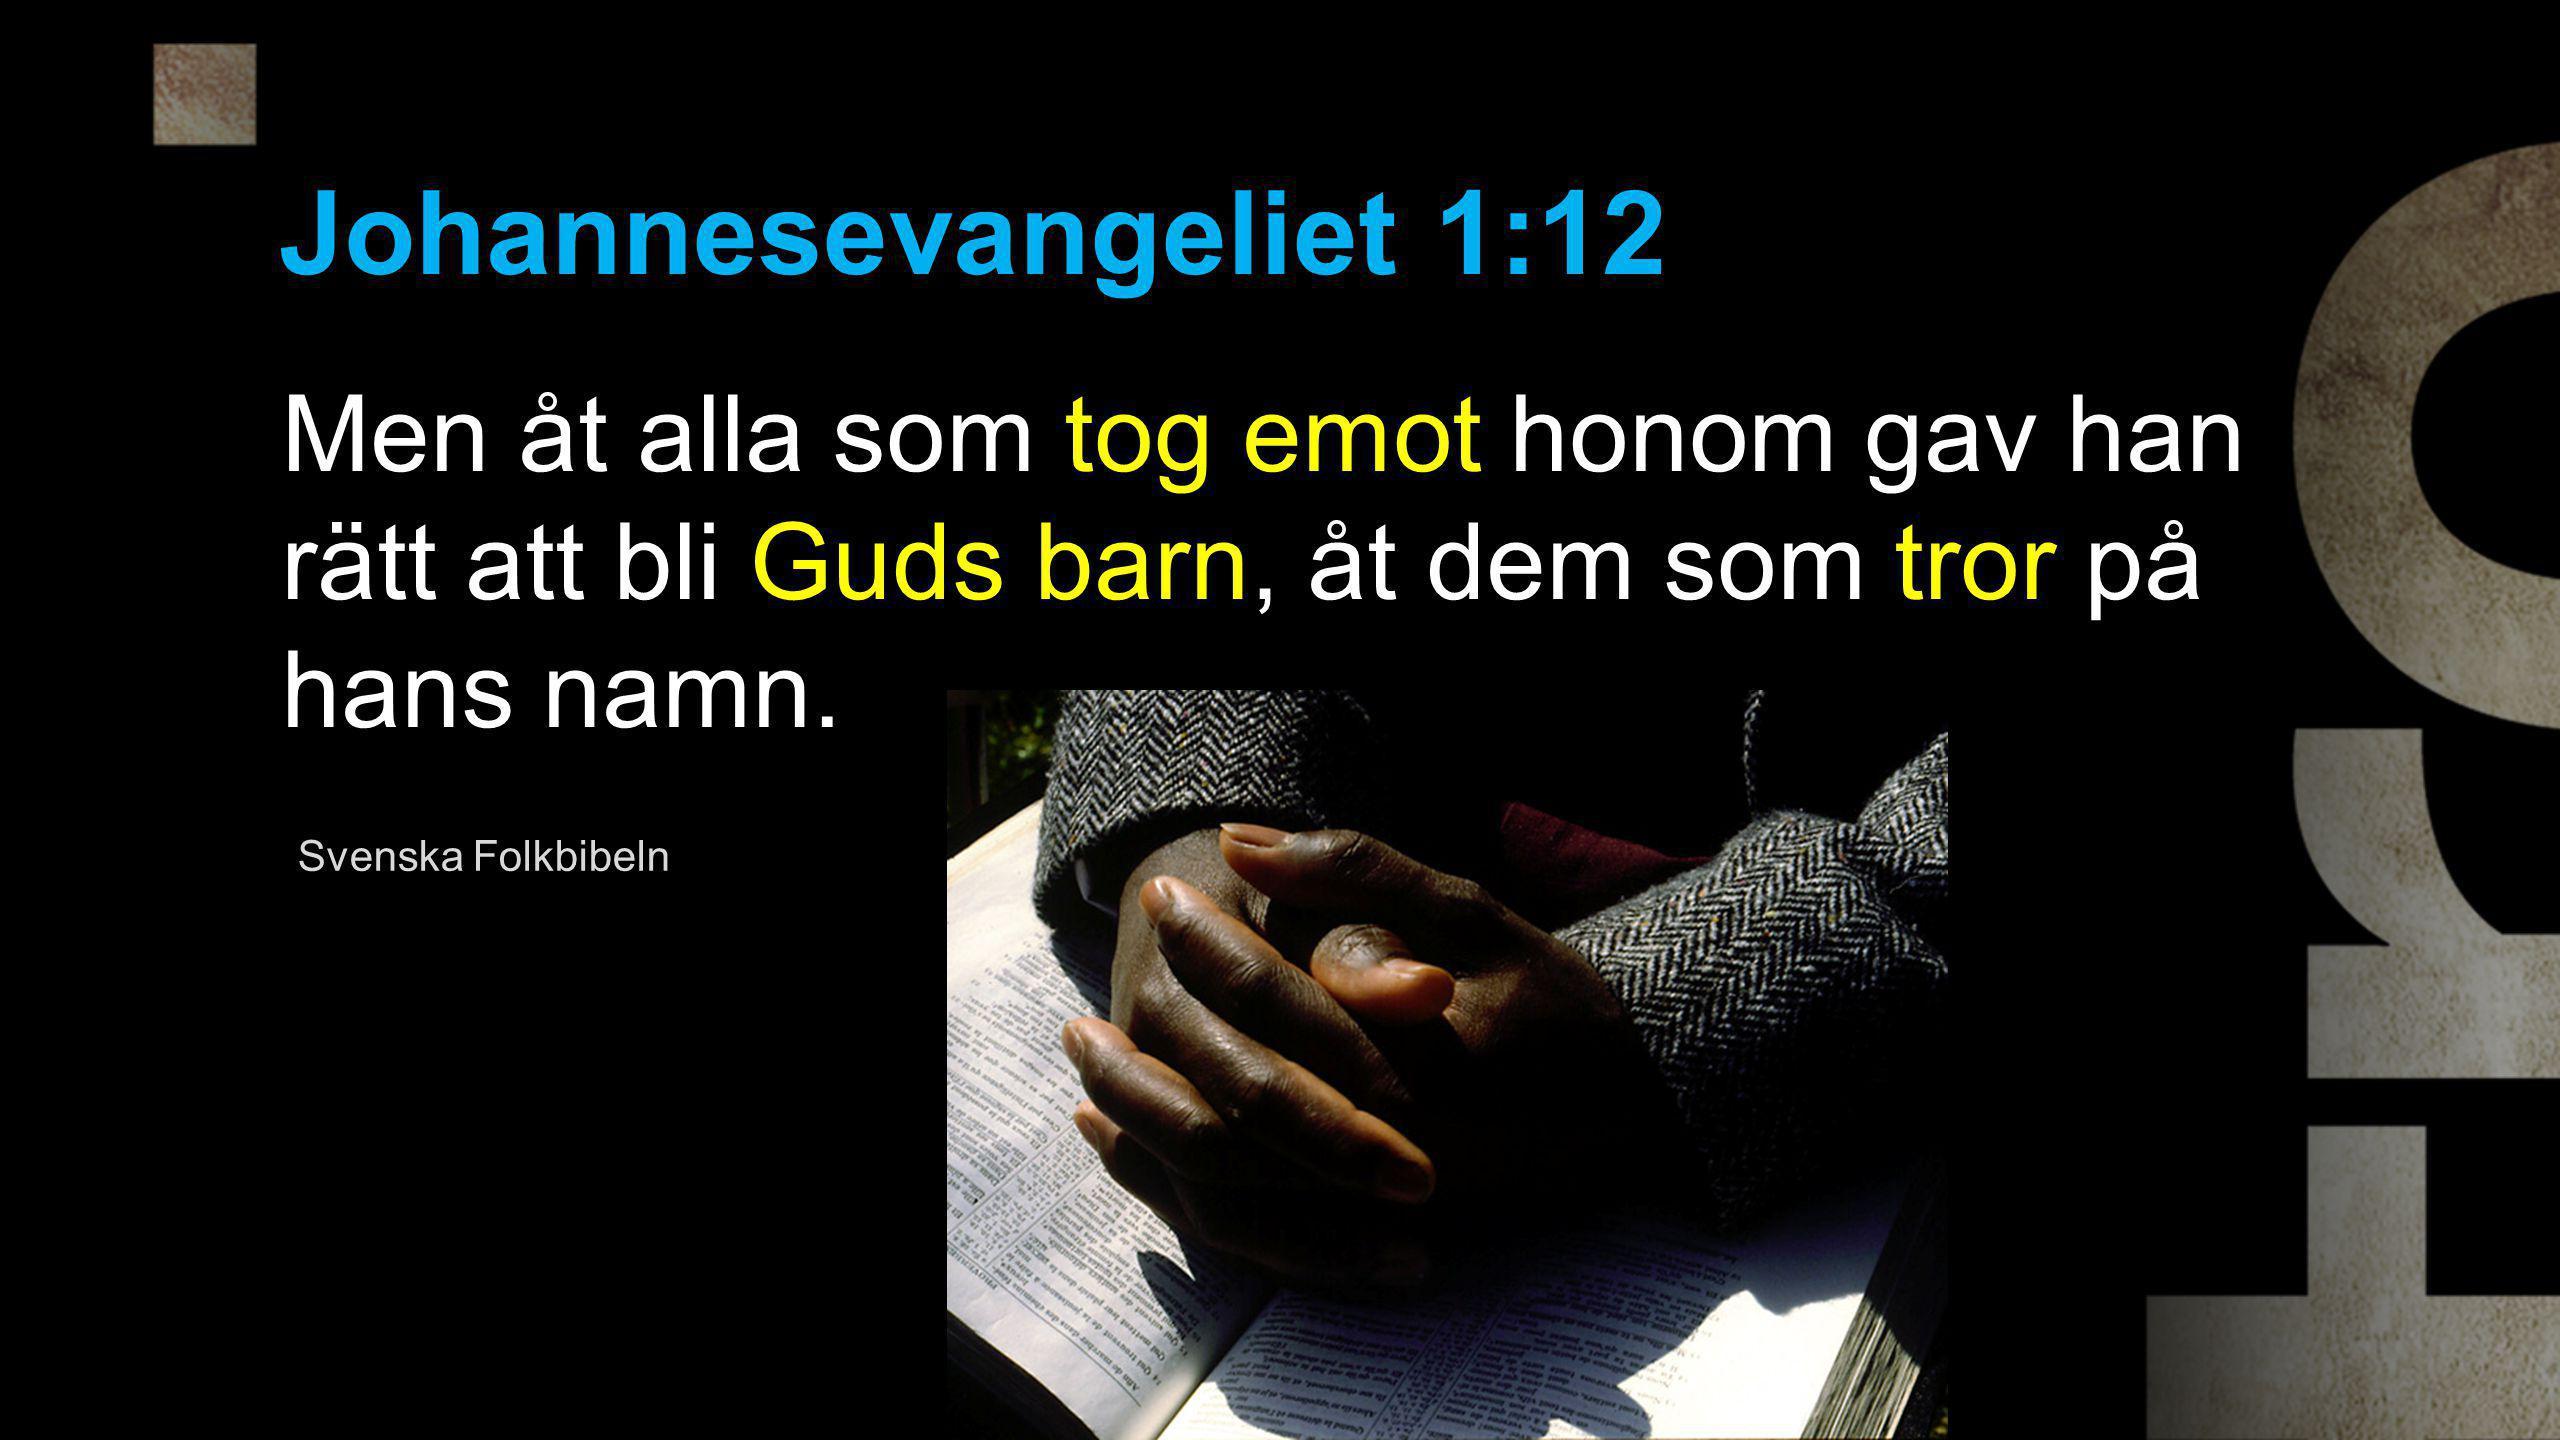 Johannesevangeliet 1:12 Men åt alla som tog emot honom gav han rätt att bli Guds barn, åt dem som tror på hans namn.